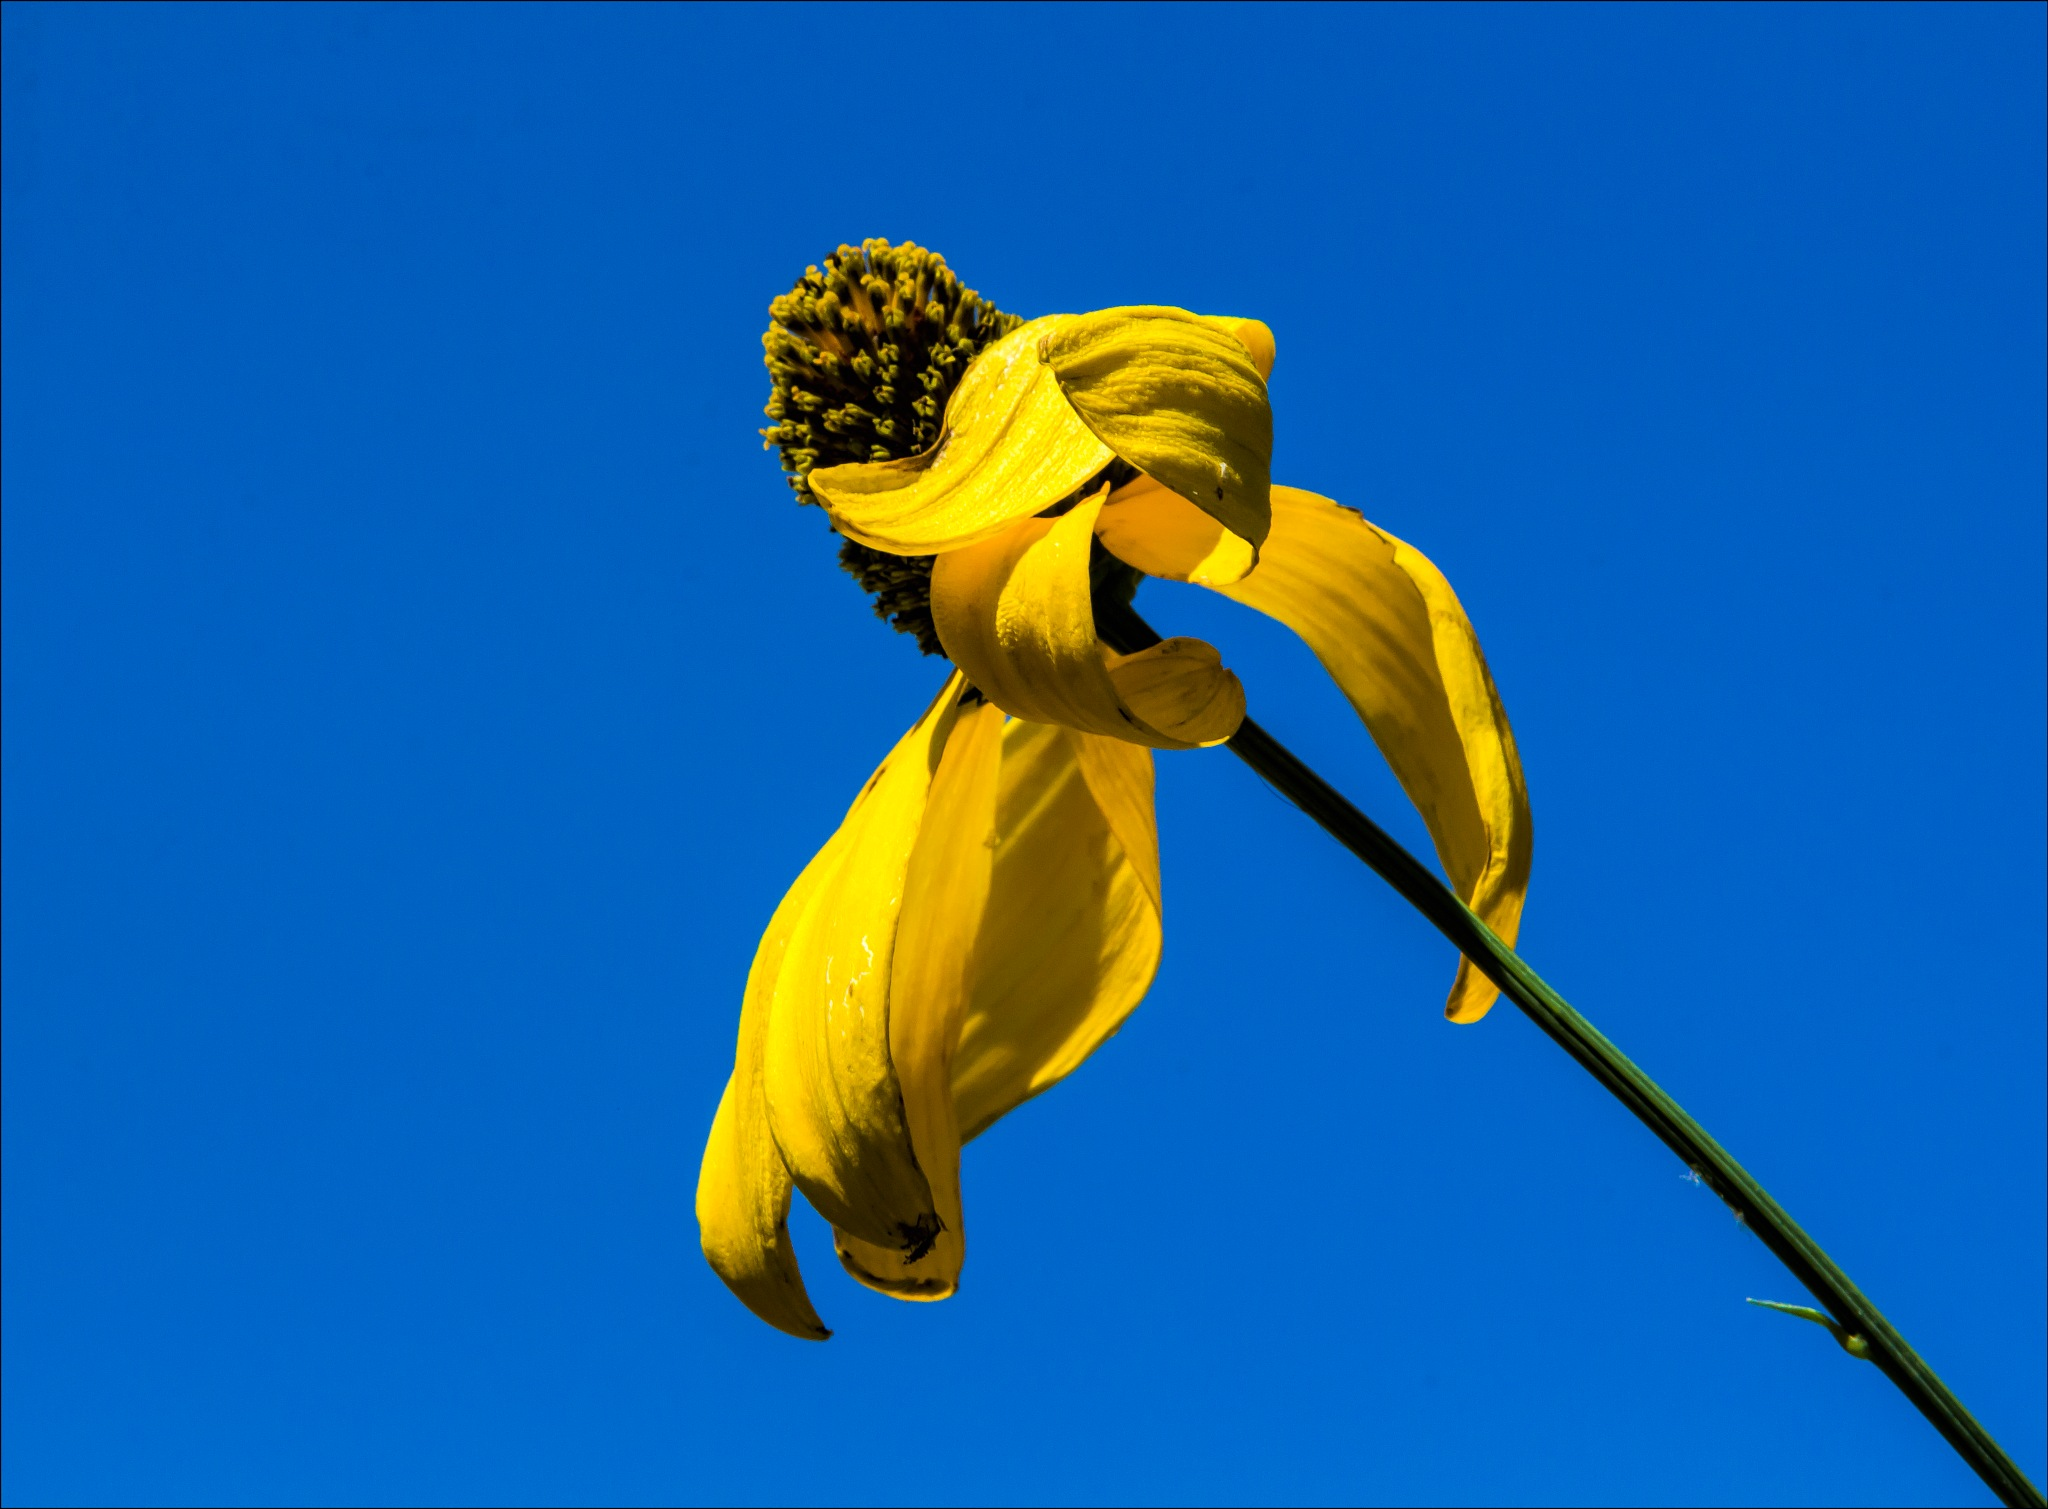 Yellow Flower Blue Sky by robertullmann